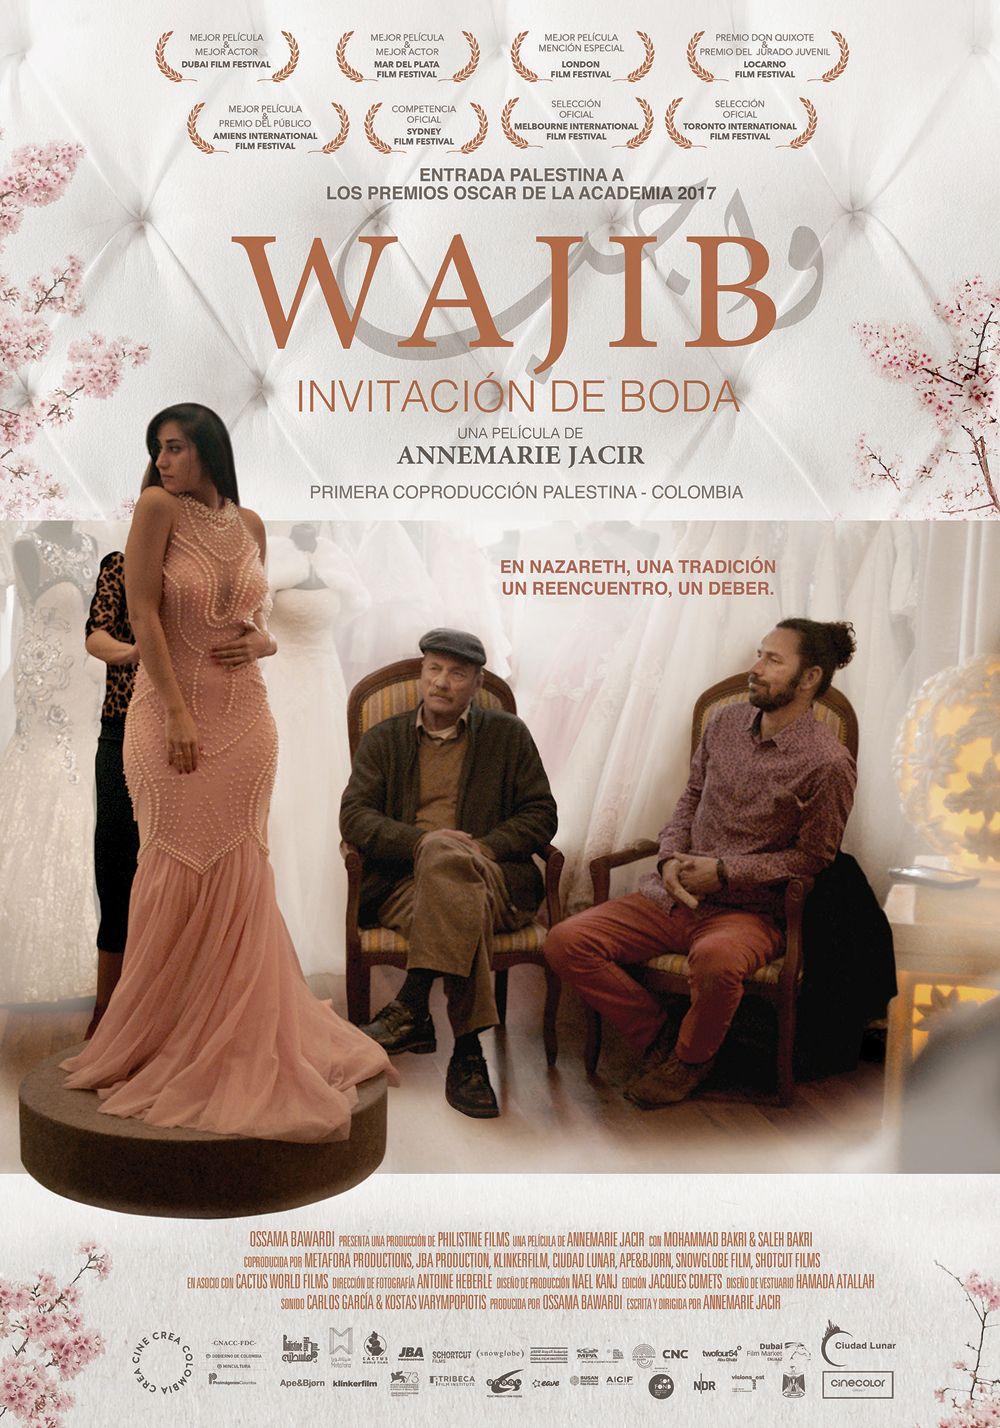 Cine Colombiano Wajib Invitación De Boda Proimágenes Colombia Cine Carteles De Películas Famosas Películas Indie